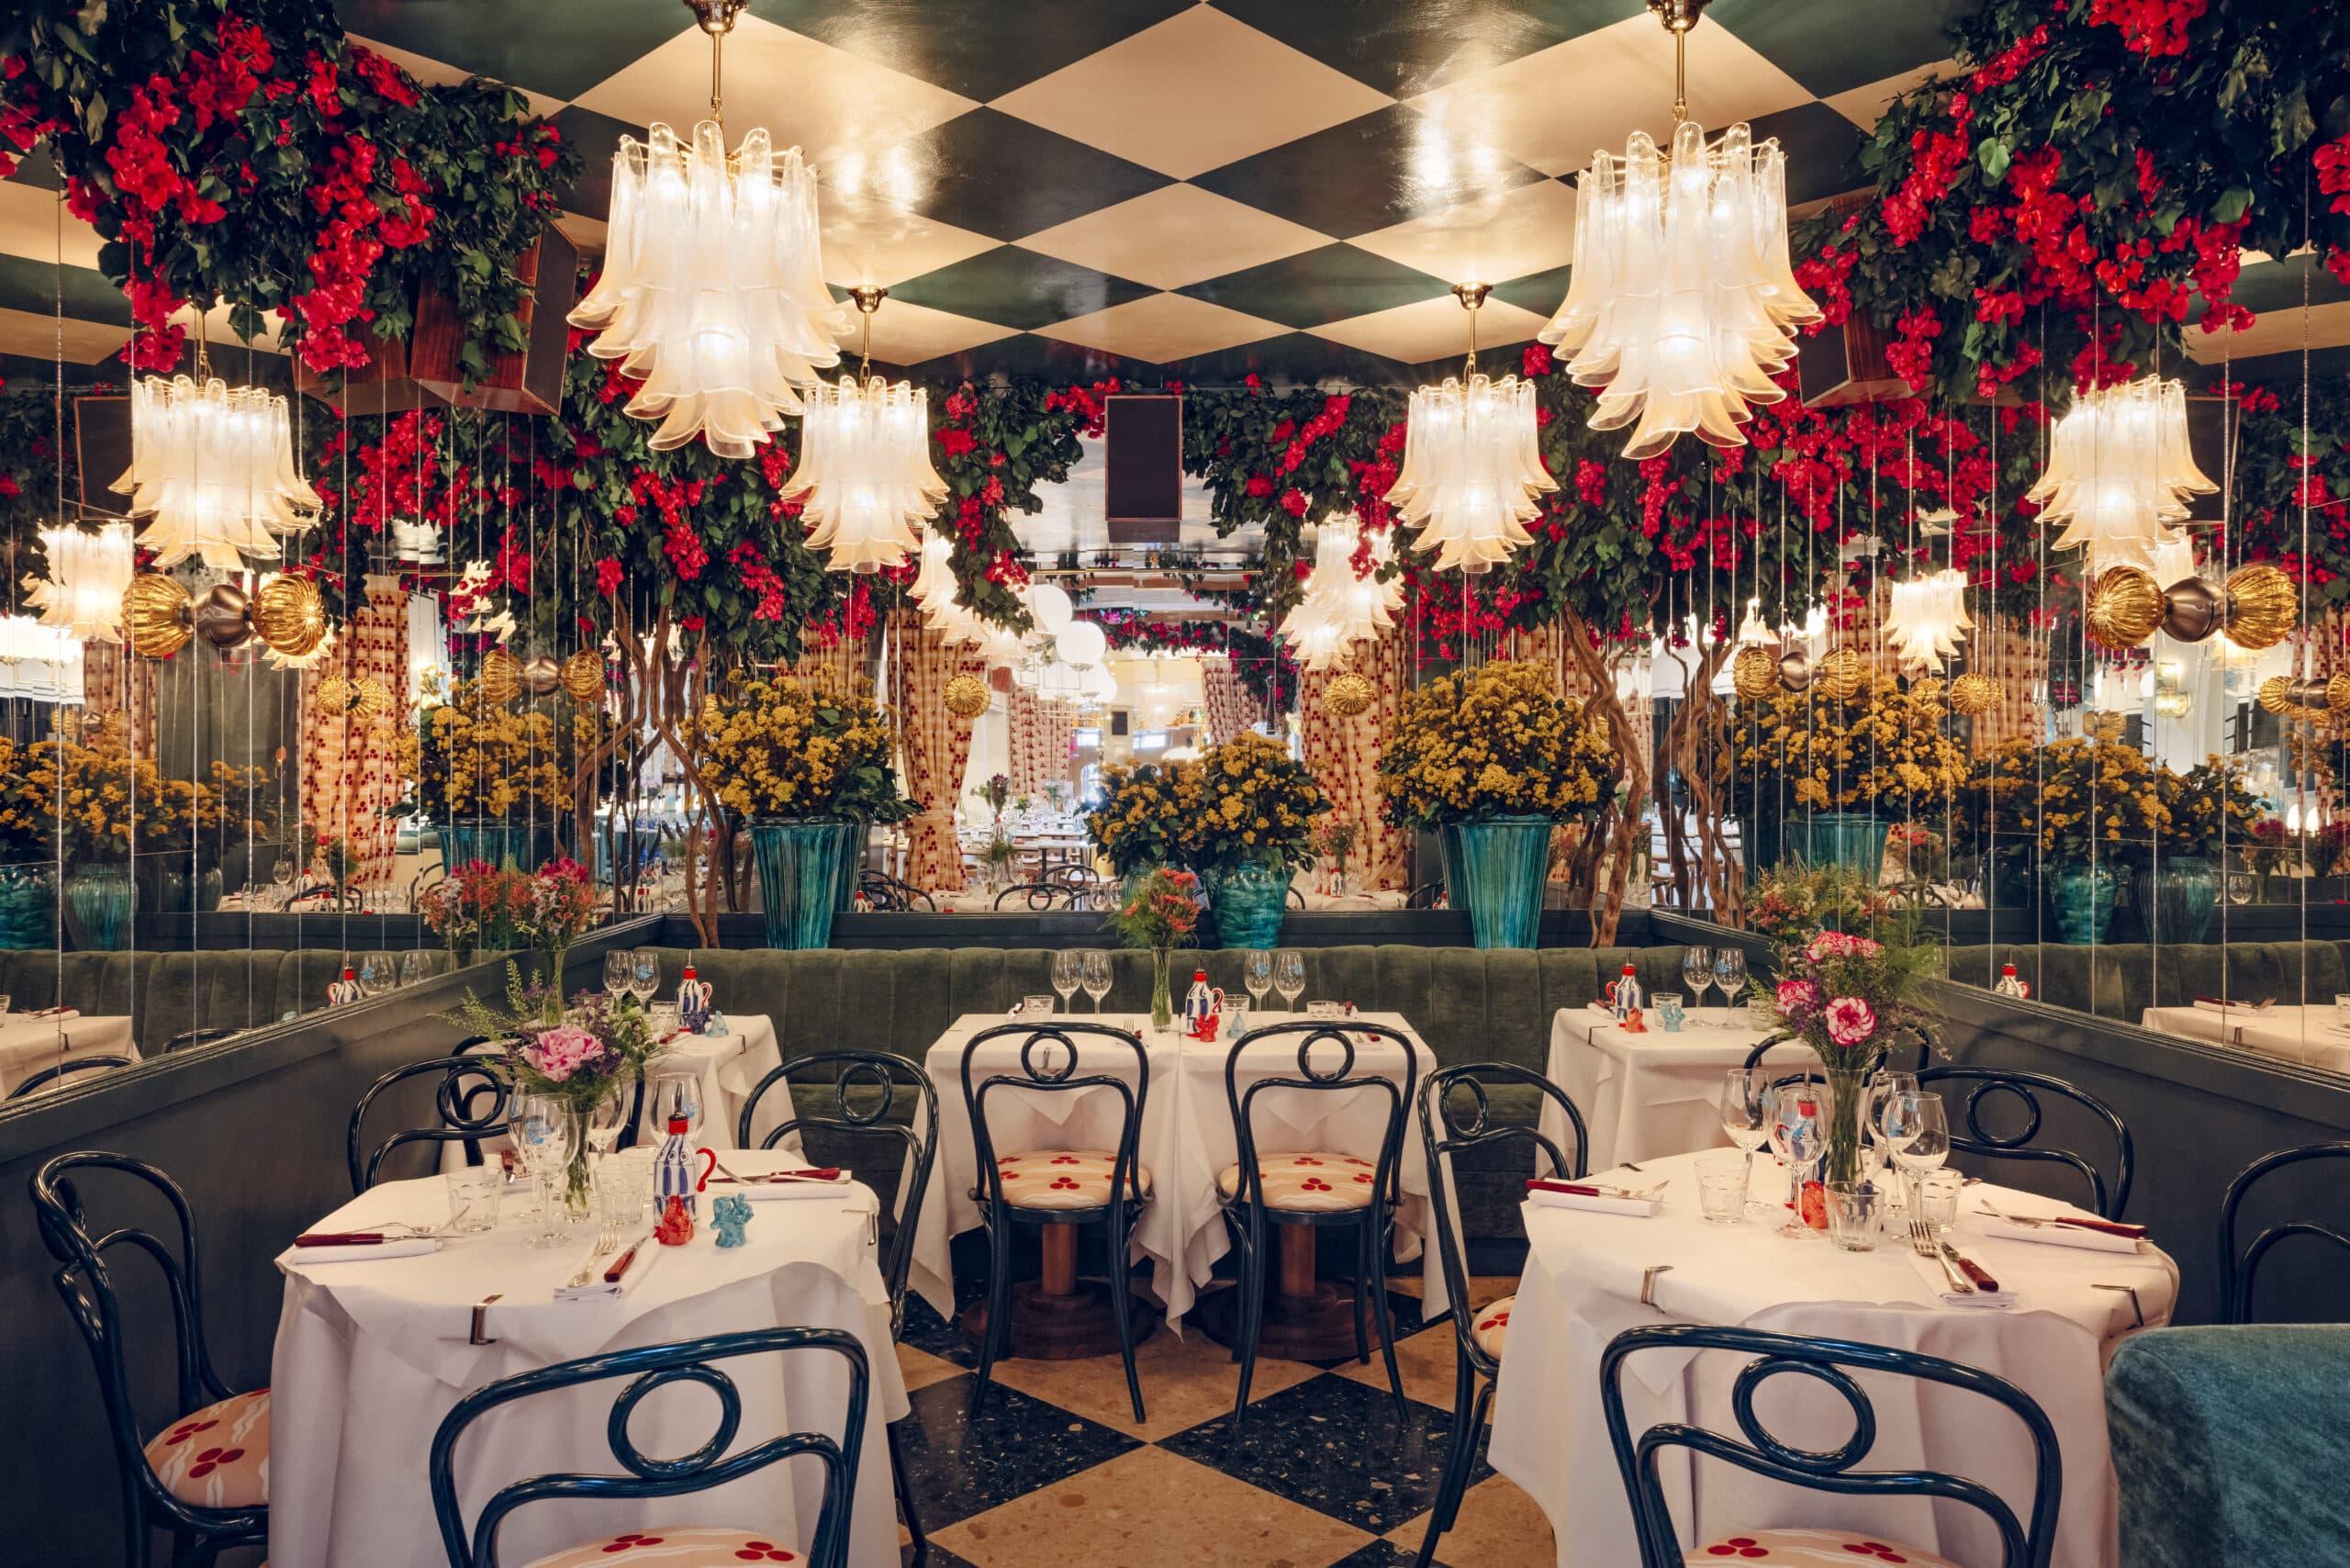 Villa Capri es el nuevo restaurante italiano de los creadores de Bel Mondo